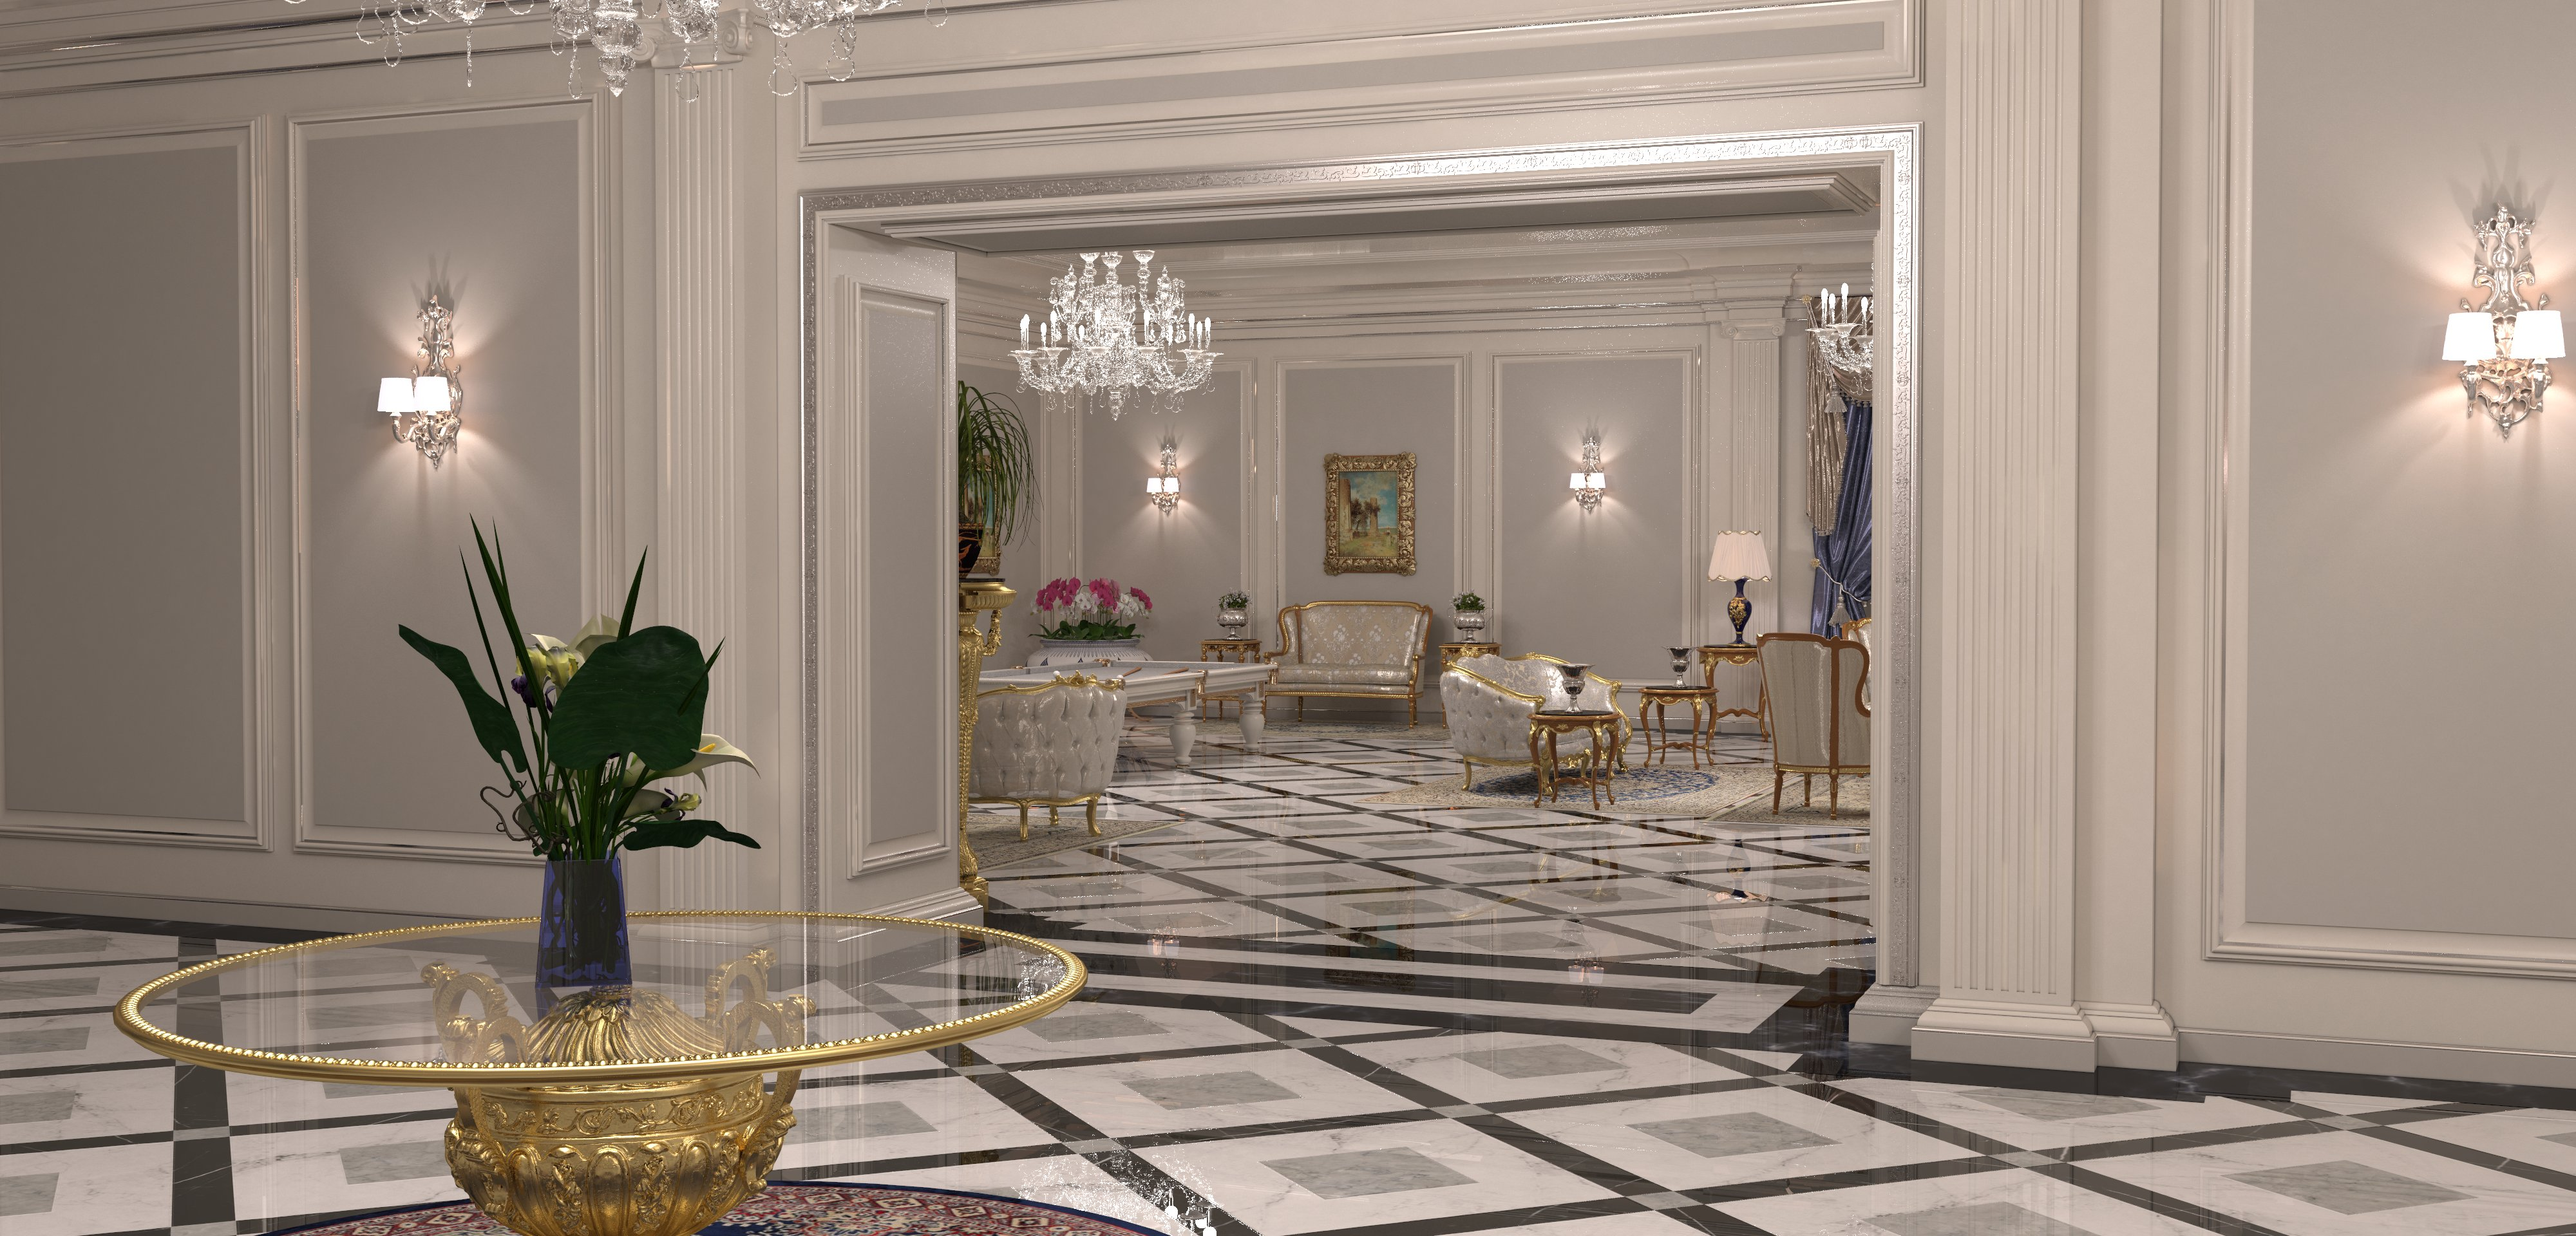 Arredi di lusso casa modelos de casas for Arredamento interni lusso